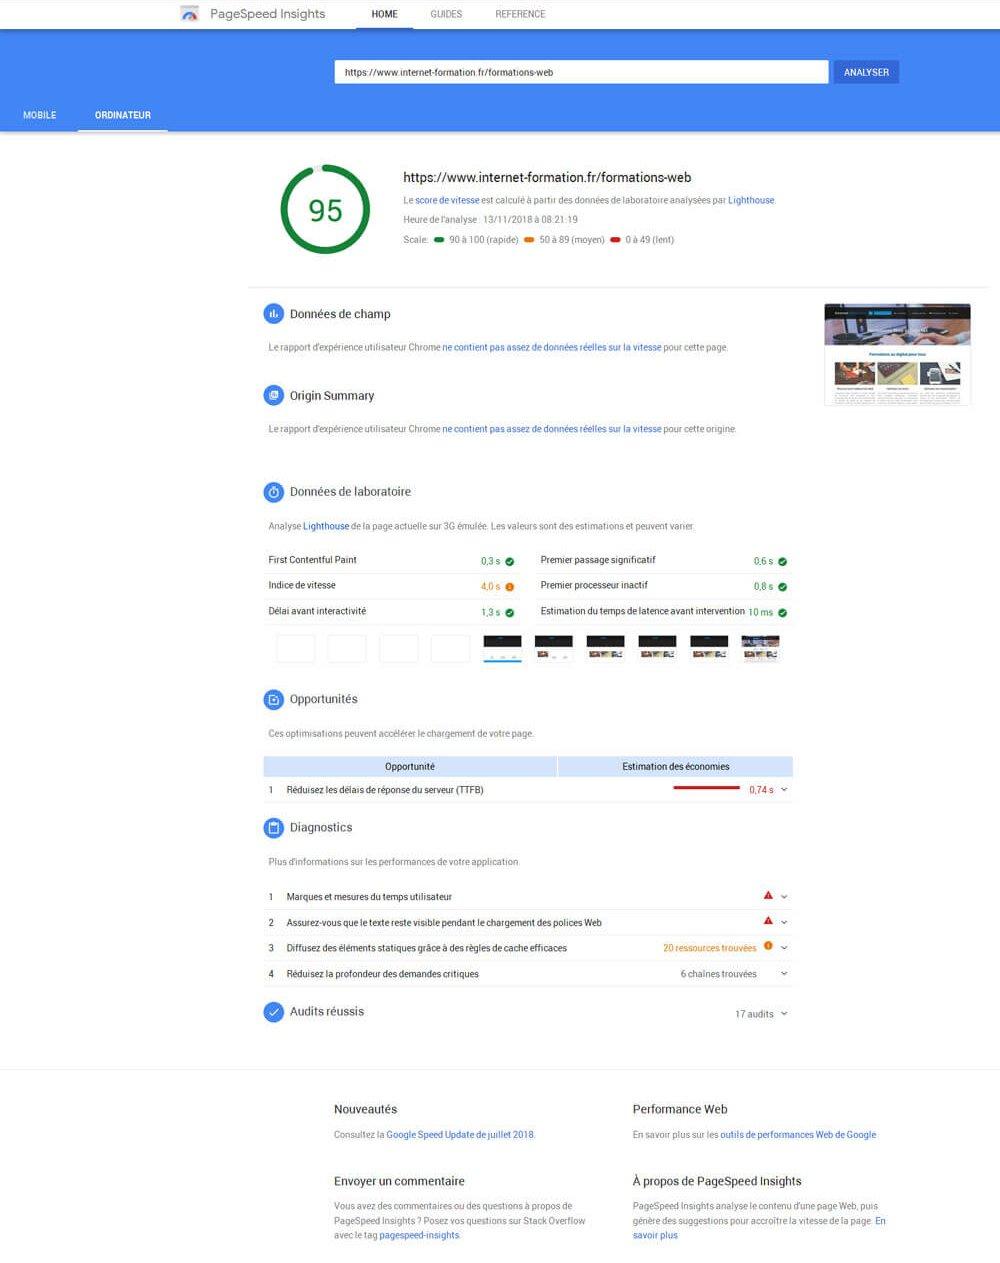 Mise à jour du nouveau Google Pagespeed Insights avec les données de Lighthouse